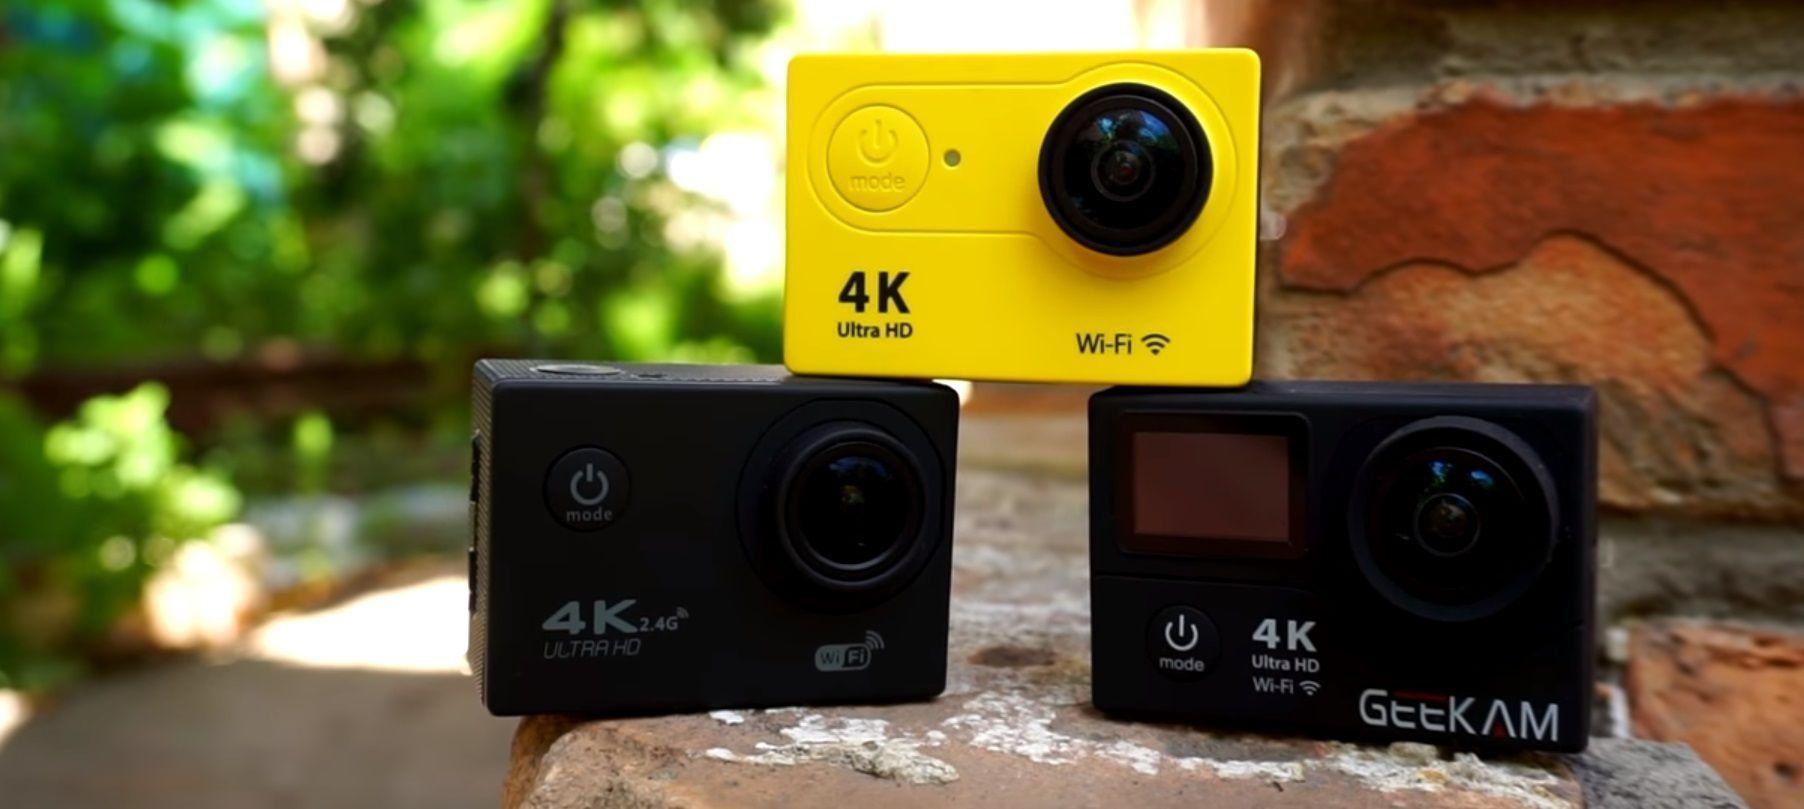 Обзор лучших экшн-камер EKEN на 2020 год